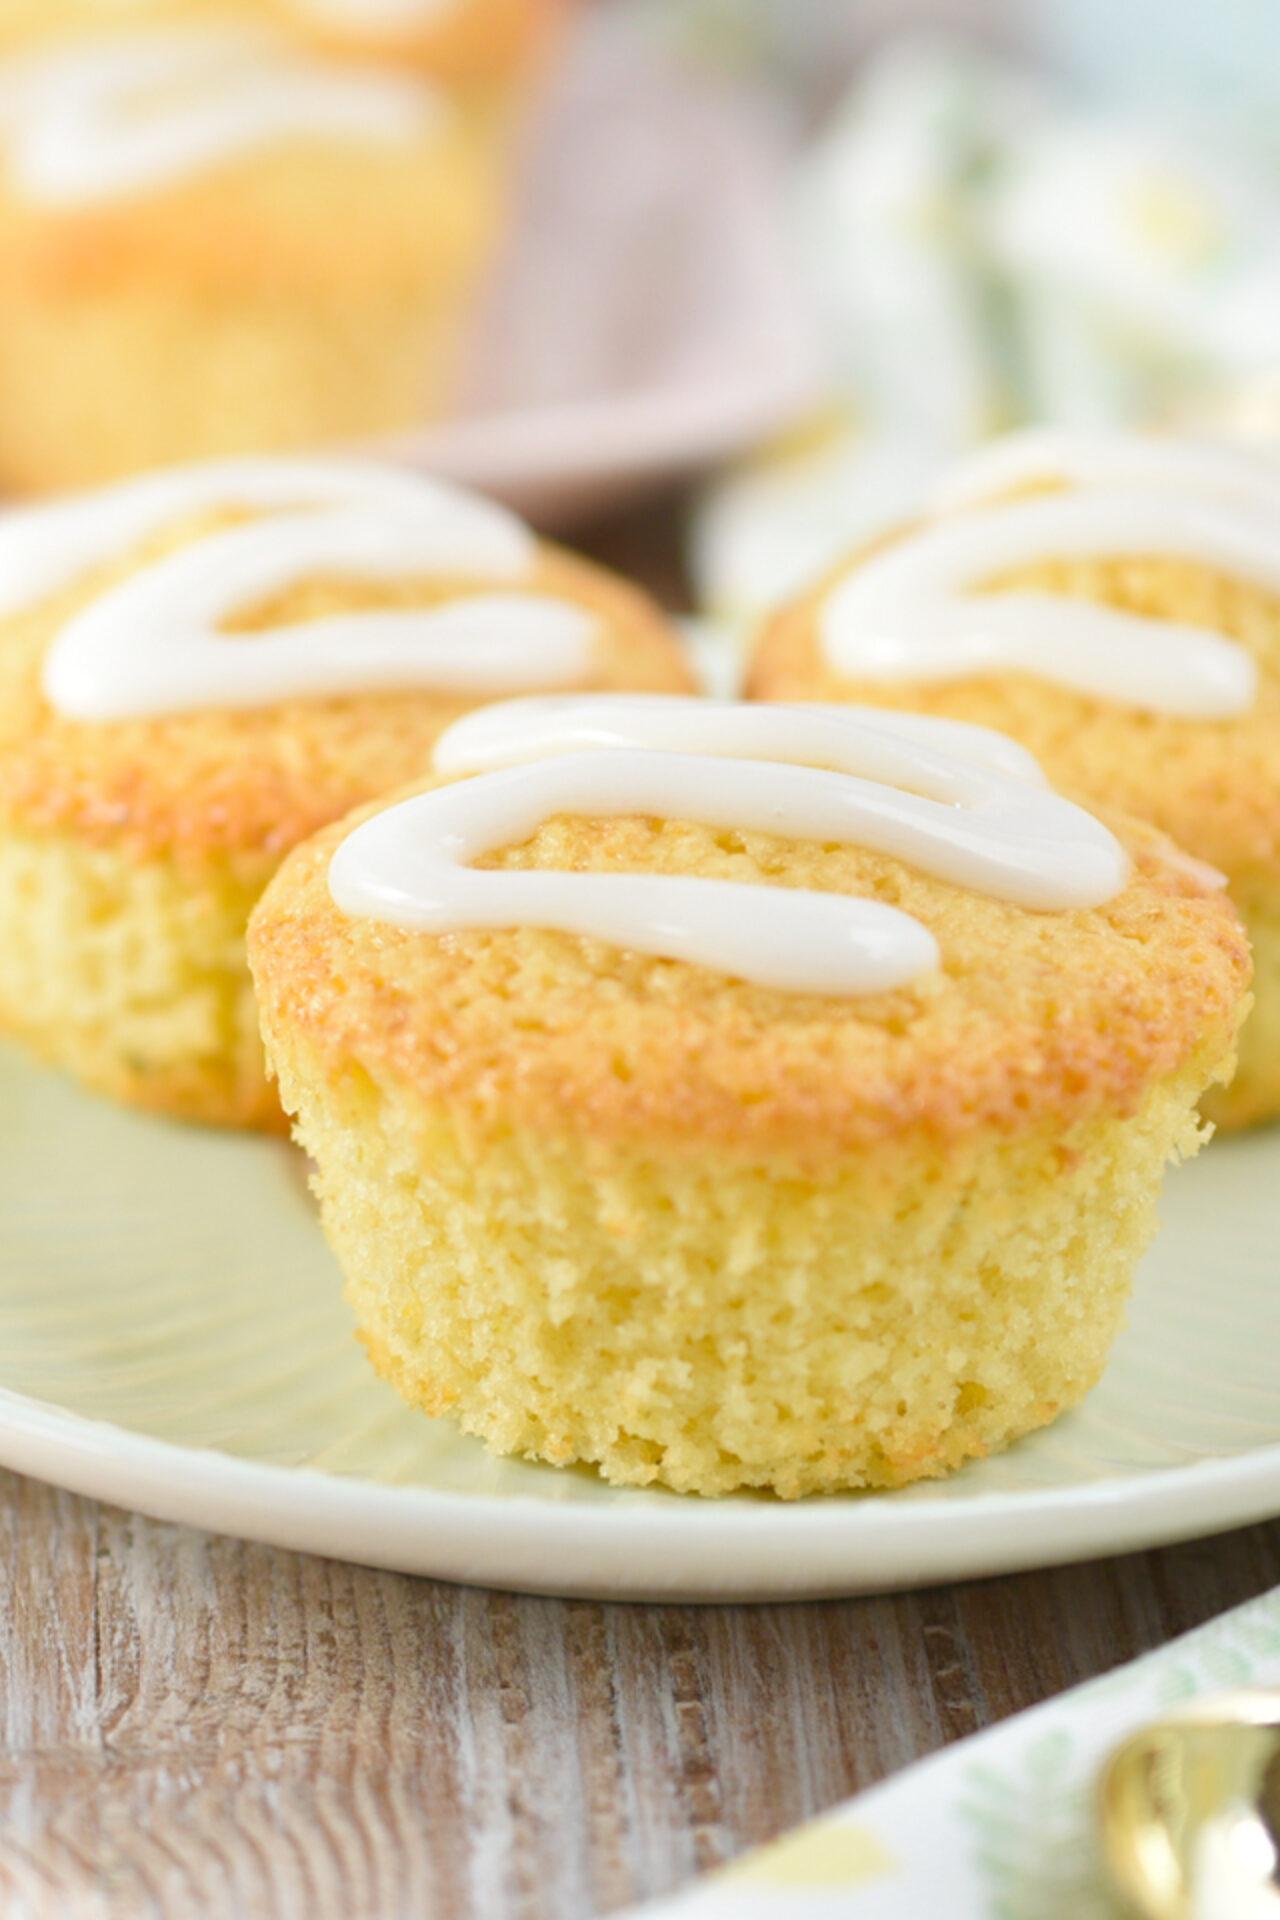 Muffins de limón con glaseado de limón